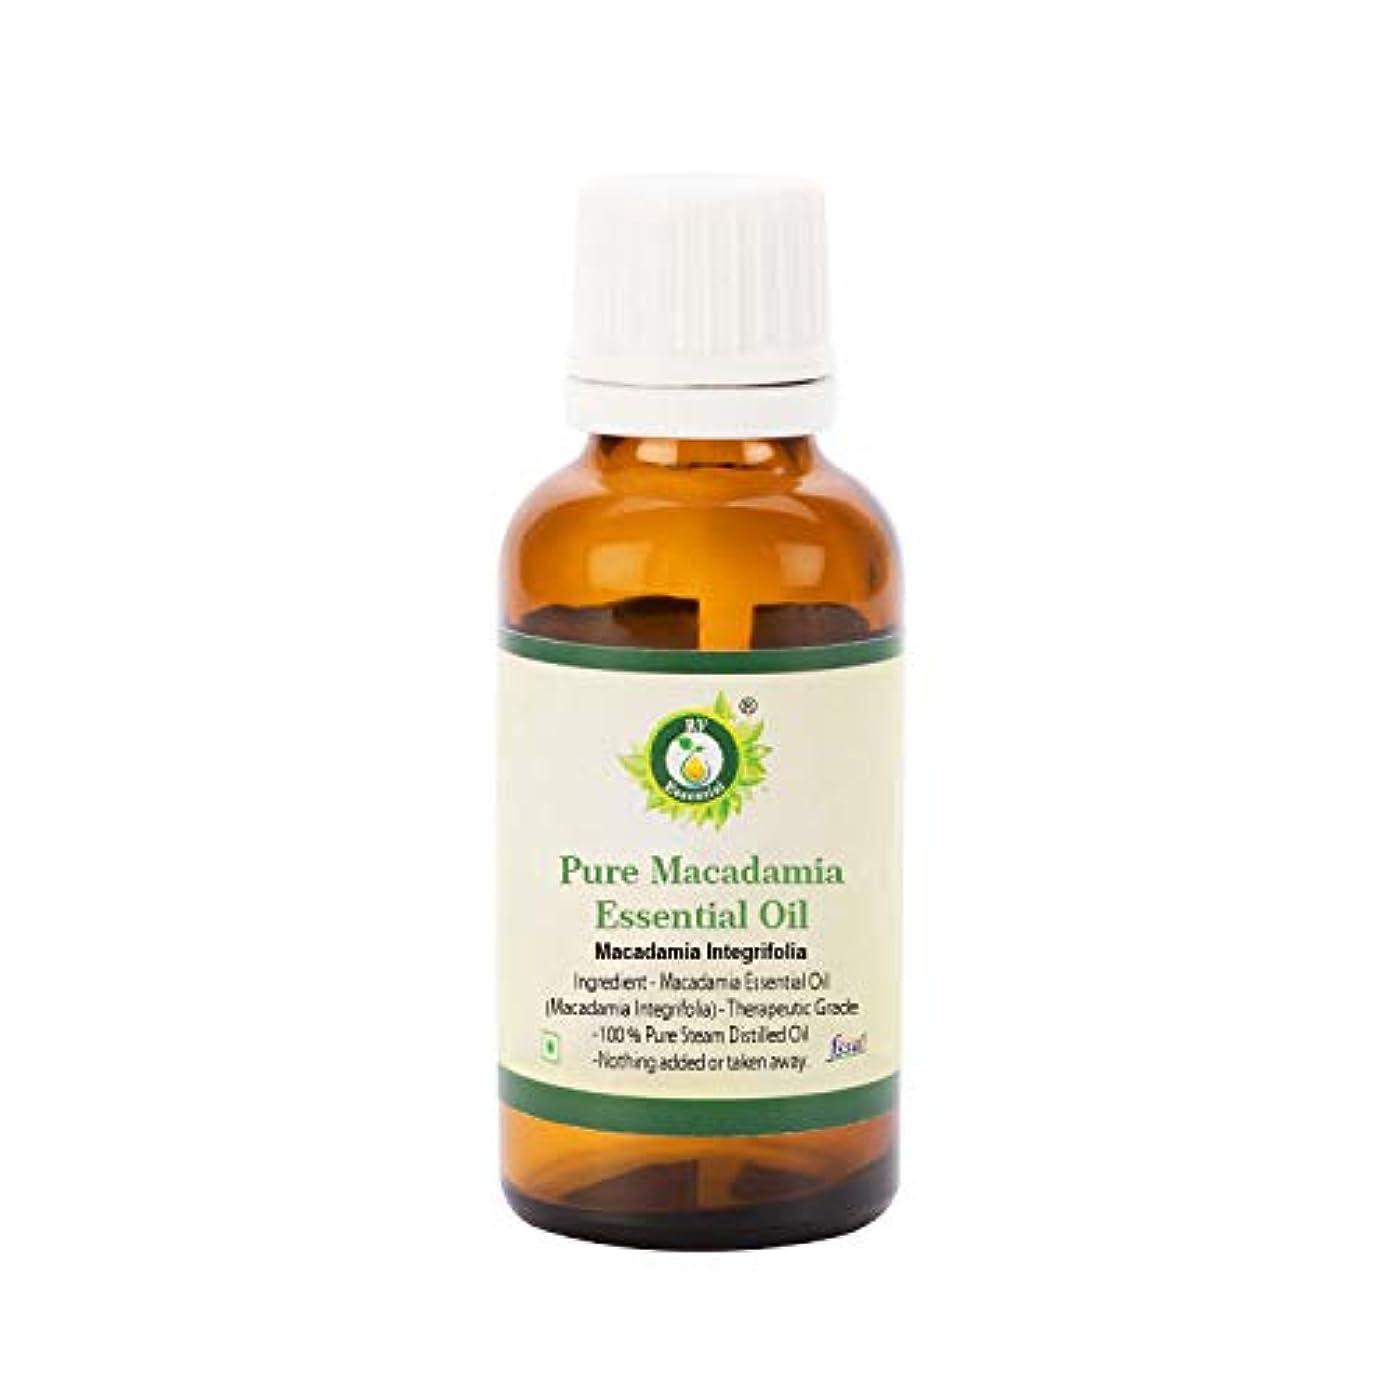 五十サージ受け継ぐR V Essential ピュアマカデミアエッセンシャルオイル5ml (0.169oz)- Macadamia Integrifolia (100%純粋&天然スチームDistilled) Pure Macadamia...